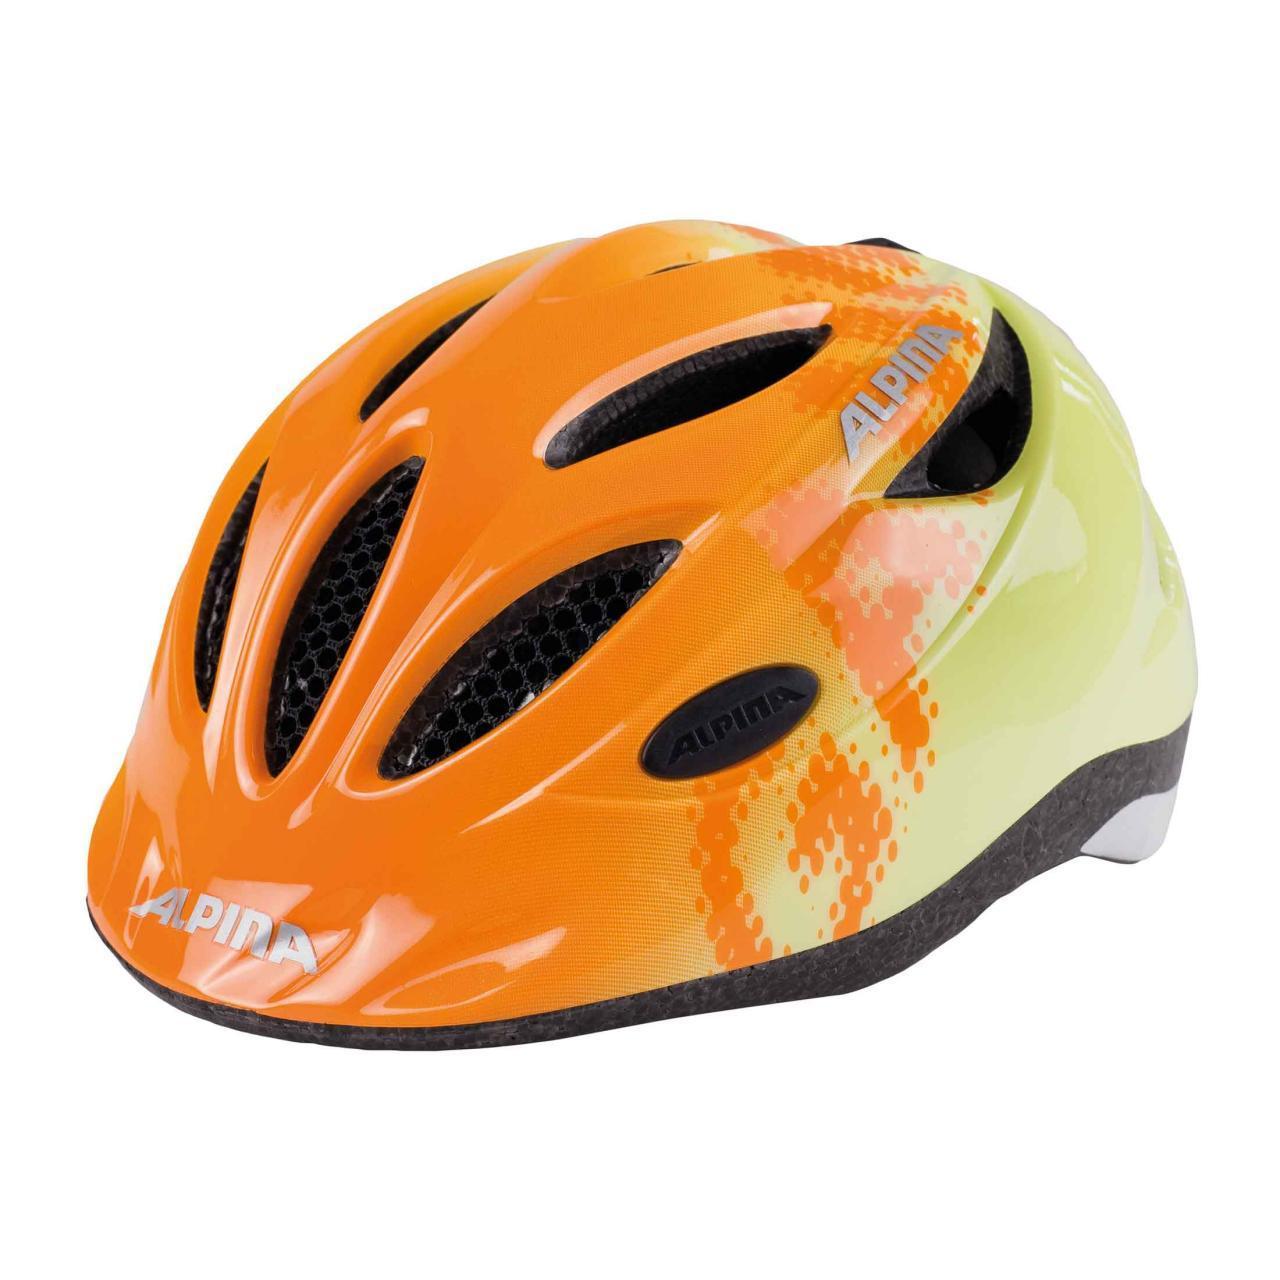 Купить Велошлем Alpina 2018 Gamma 2.0 orange-yellow Шлемы велосипедные 1398943